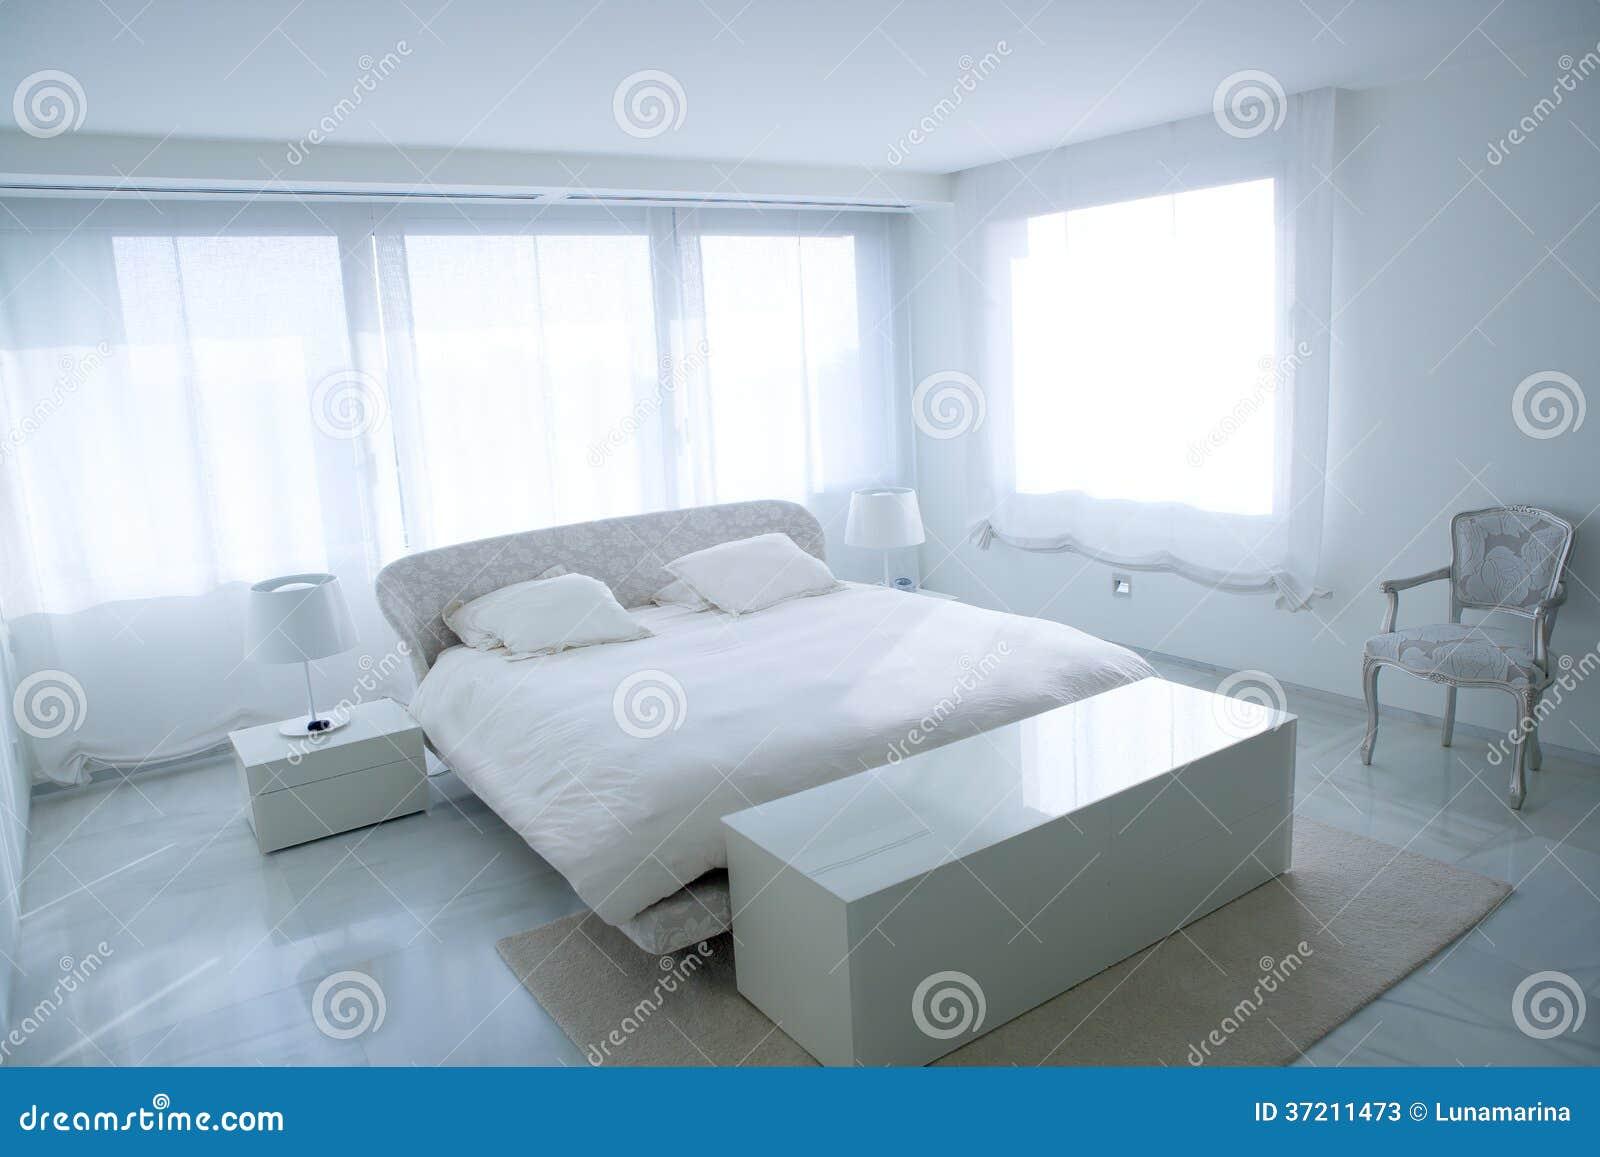 Chambre A Coucher Blanche Moderne De Maison Avec Le Plancher De